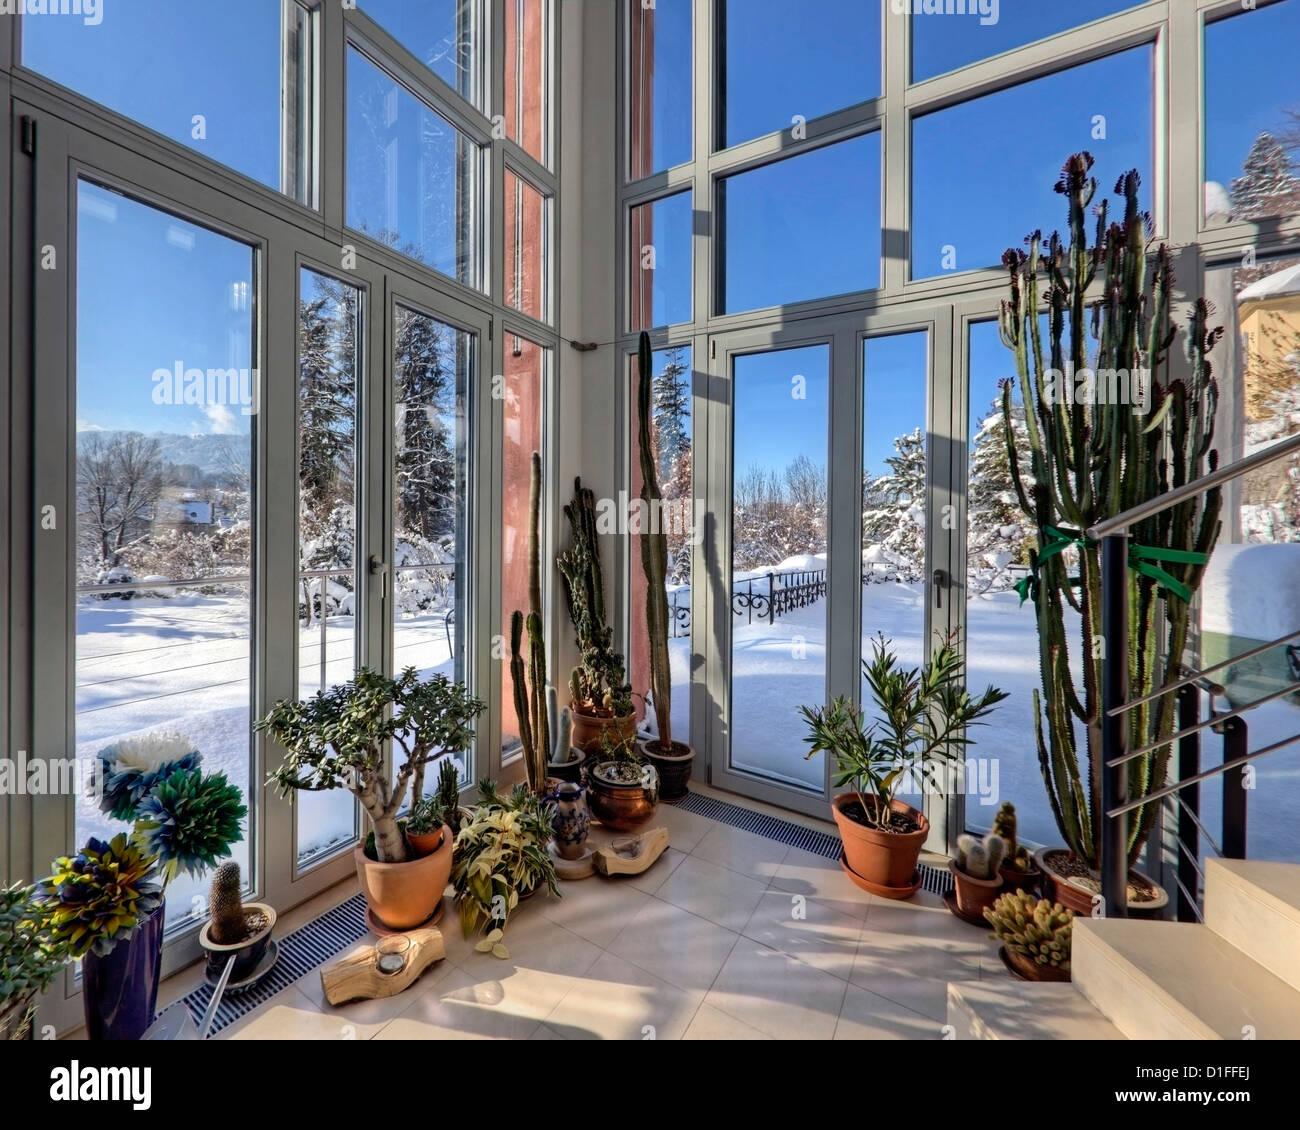 DE - Baviera: Il Winter-Garden (architettura contemporanea, Bad Toelz) Immagini Stock